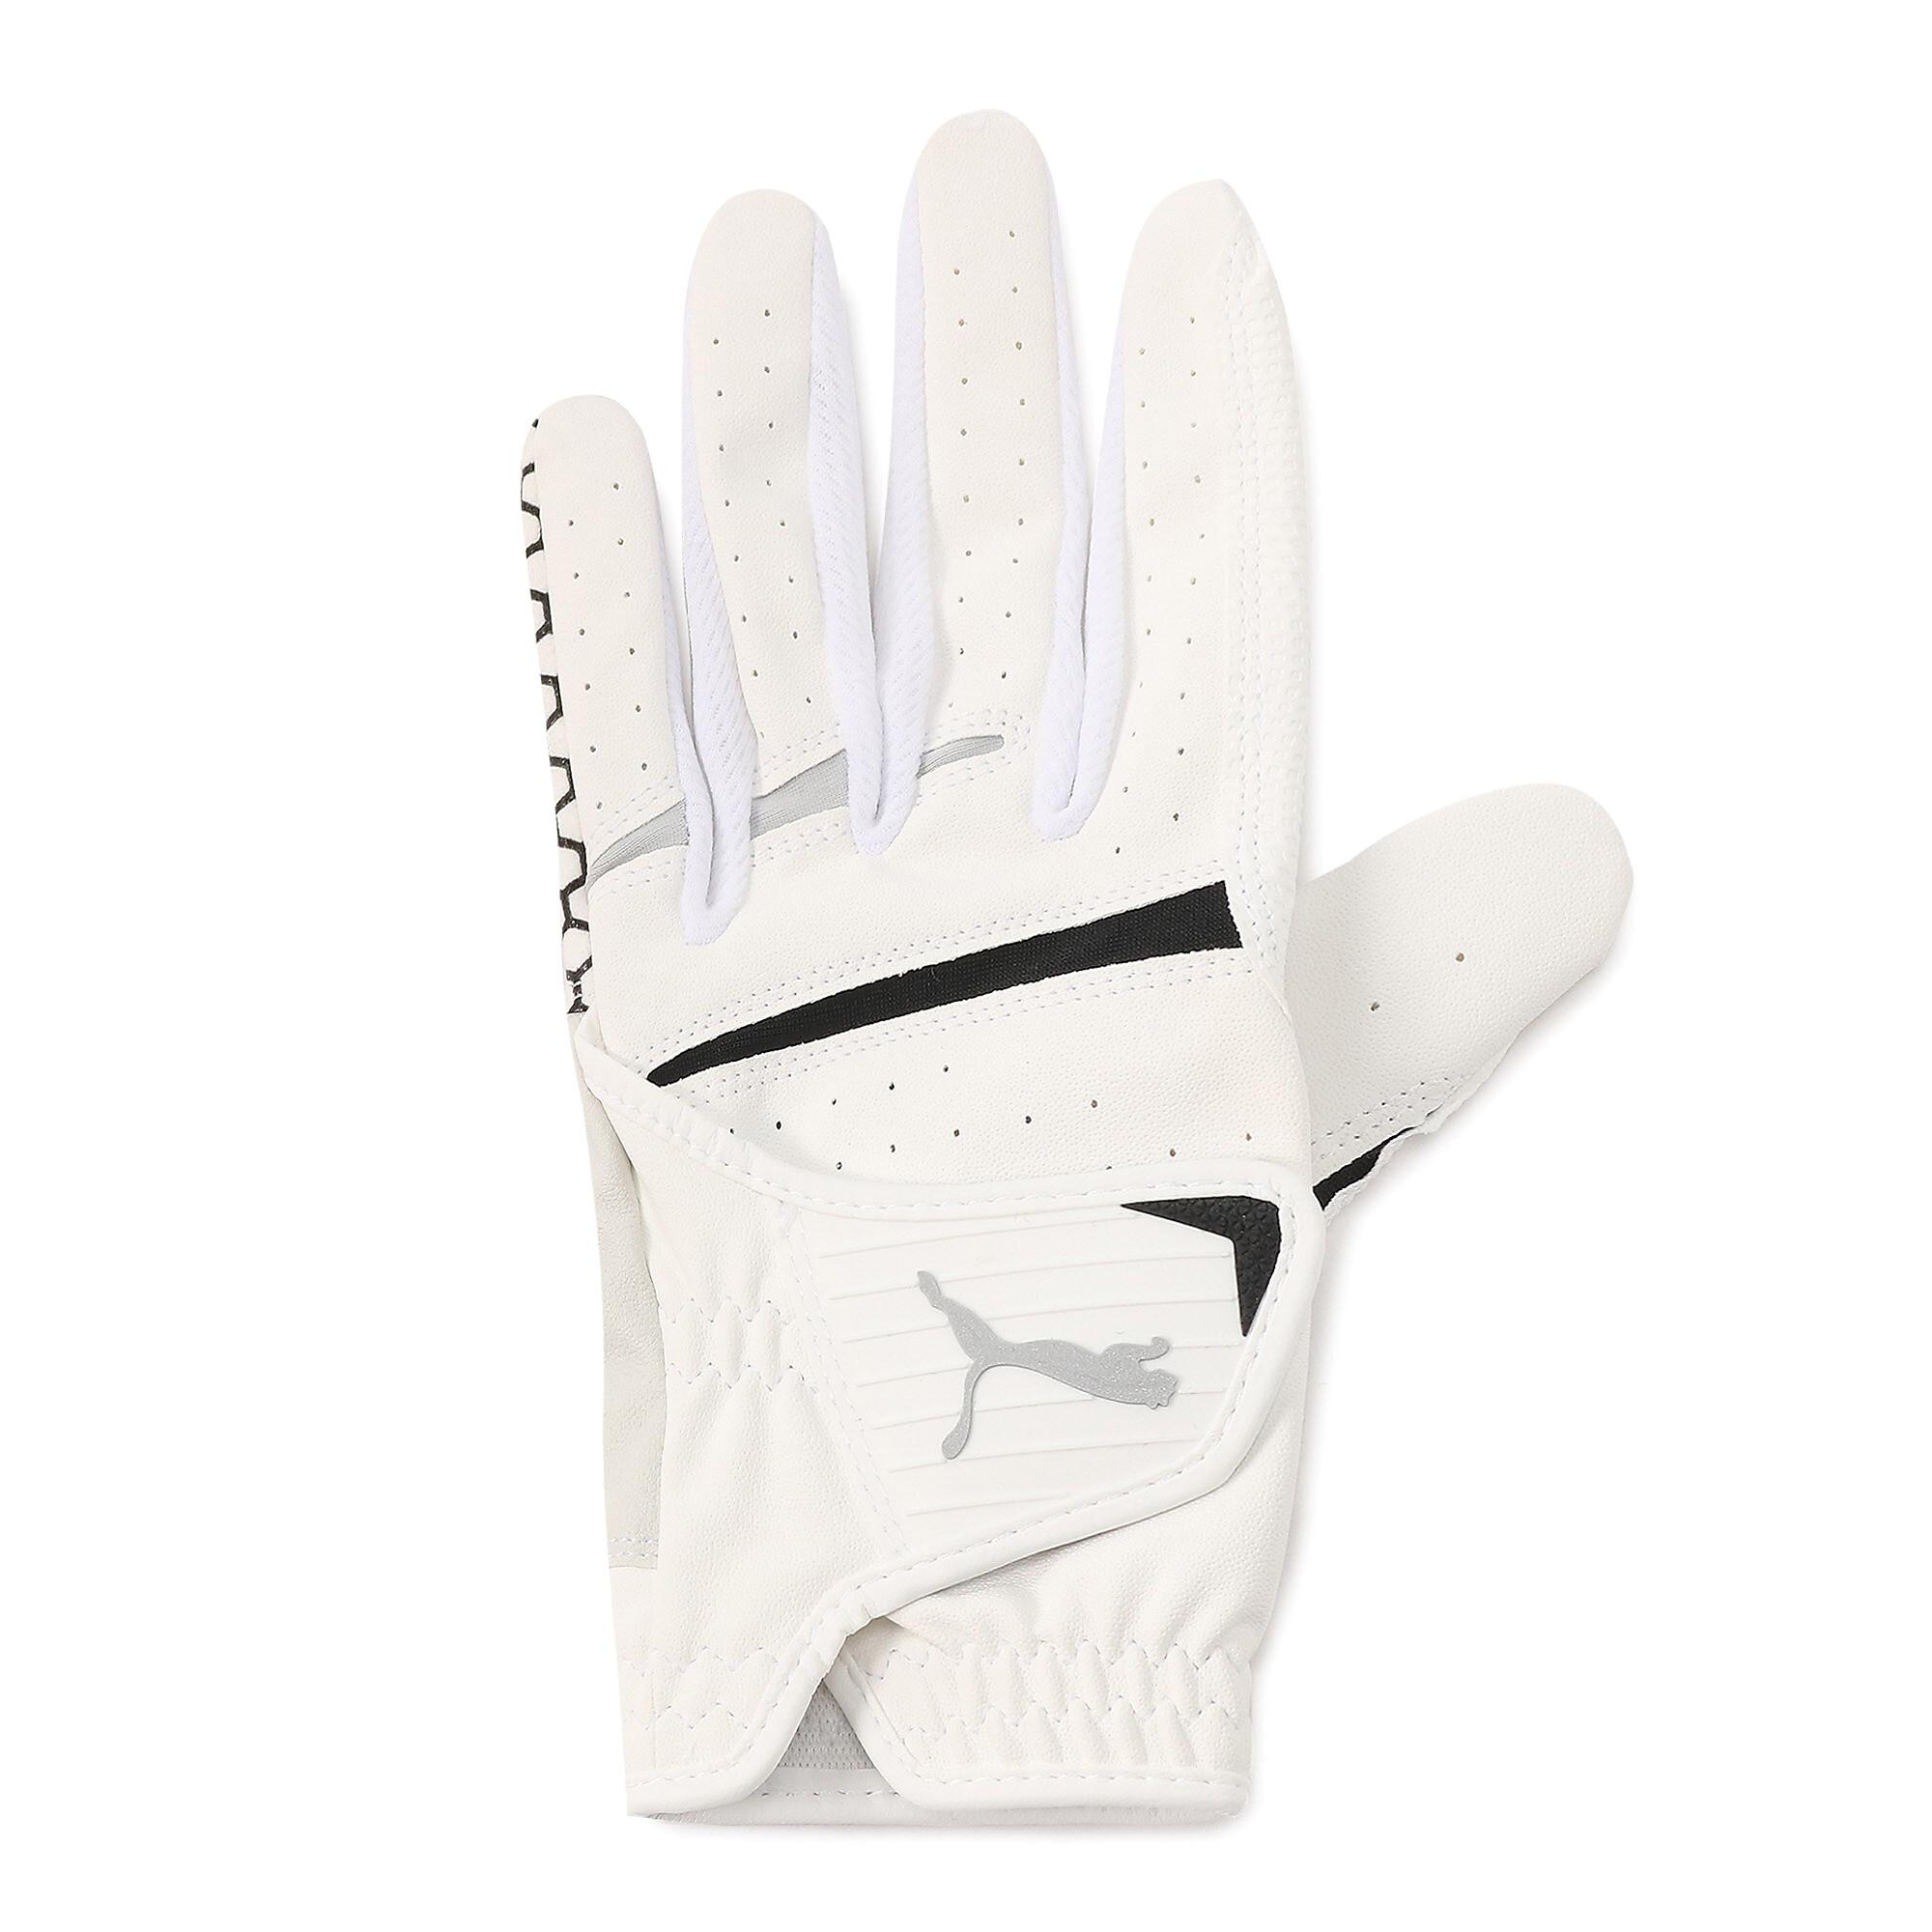 【プーマ公式通販】 プーマ ゴルフ HEXA グリップ グローブ 左手用 メンズ BRIGHT WHITE-PUMA BLACK |PUMA.com